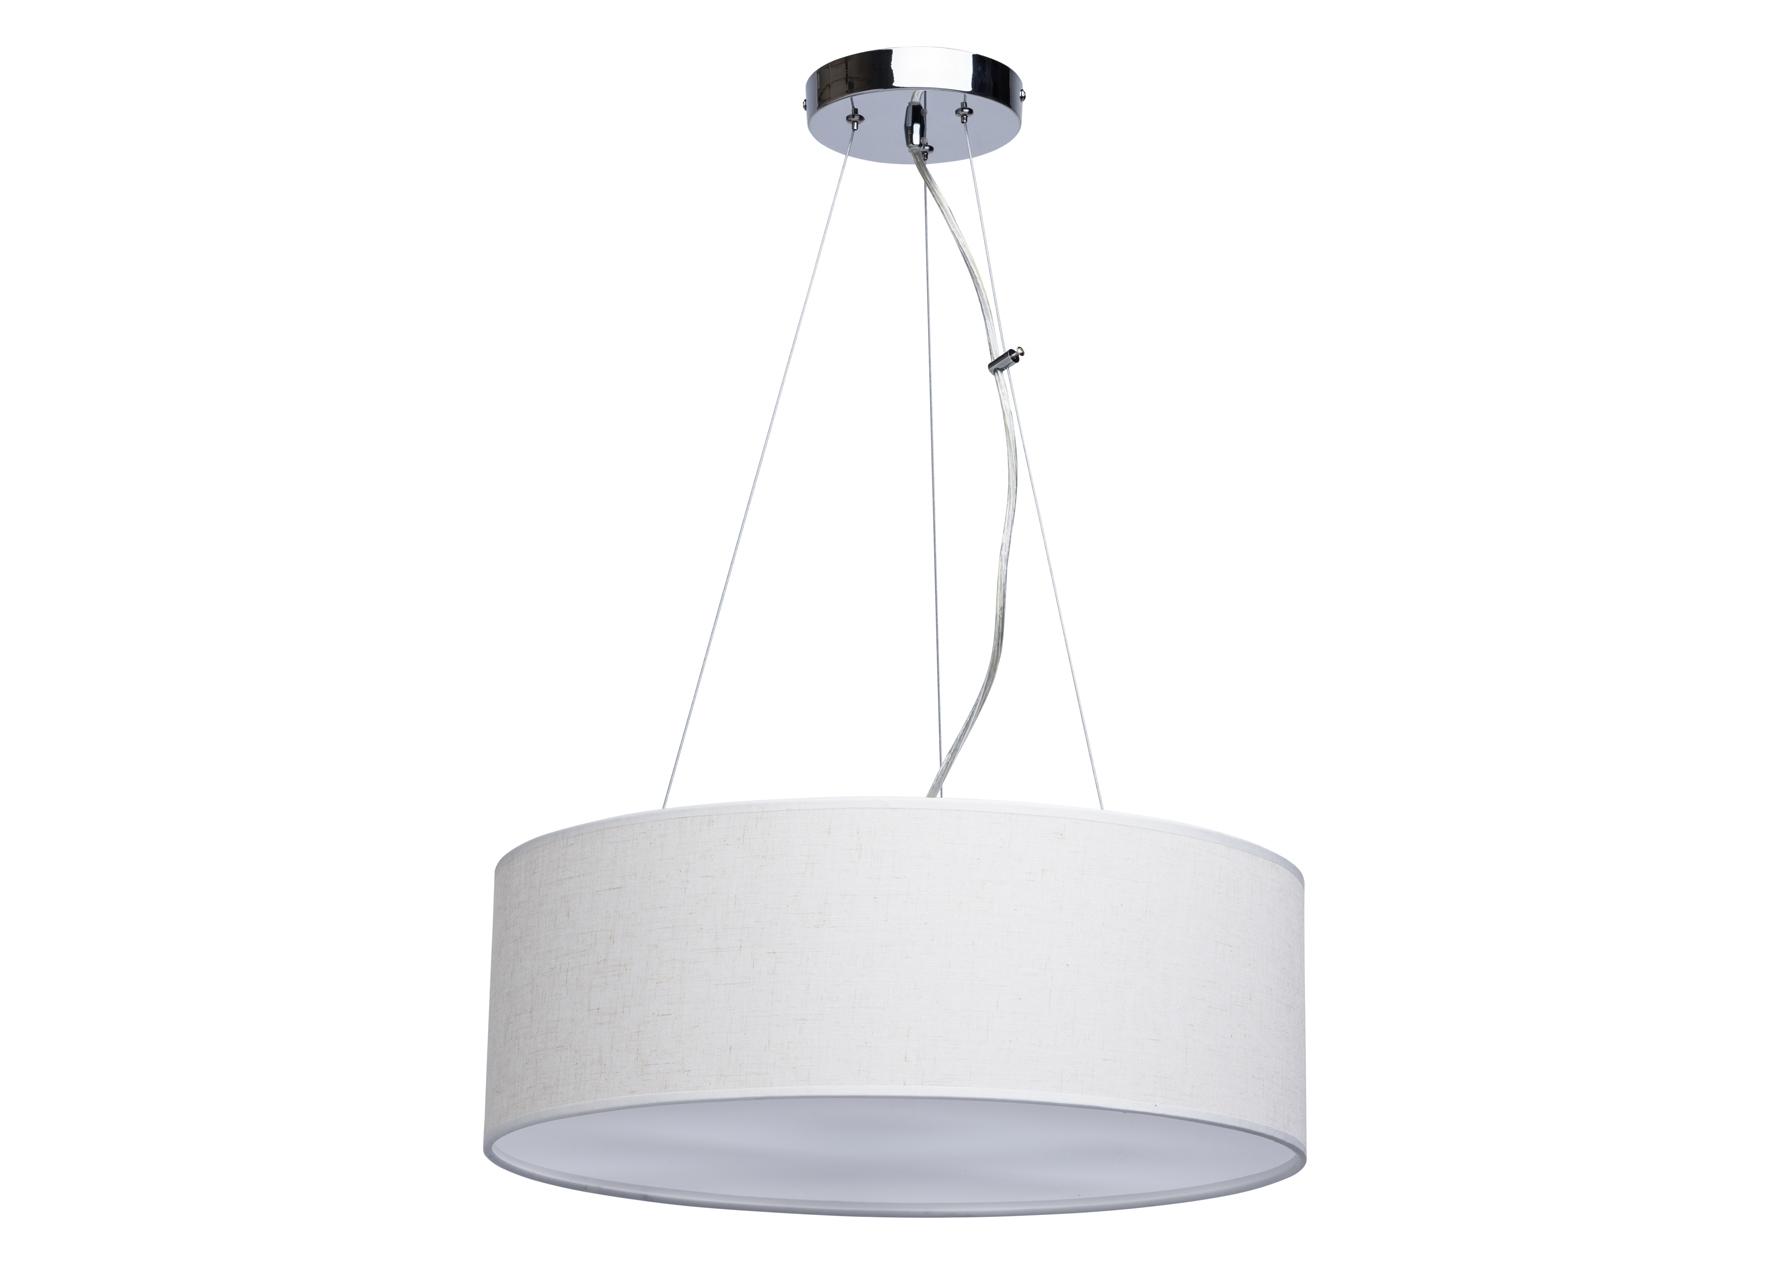 Подвесной светильник ДафнаПодвесные светильники<br>&amp;lt;div&amp;gt;Для тех, кто ценит лоск и лаконичность подвесная люстра из коллекции&amp;lt;/div&amp;gt;&amp;lt;div&amp;gt;«Дафна» — удачная находка. Тканевый абажур цилиндрической формы из&amp;lt;/div&amp;gt;&amp;lt;div&amp;gt;натурального льна гармонично сочетается с хромированным основанием&amp;lt;/div&amp;gt;&amp;lt;div&amp;gt;из металла. Источник света снизу закрыт пластиной из матово-белого&amp;lt;/div&amp;gt;&amp;lt;div&amp;gt;полупрозрачного акрила, благодаря чему свет мягко рассеивается,&amp;lt;/div&amp;gt;&amp;lt;div&amp;gt;создавая уютную и спокойную атмосферу. Светильник идеально&amp;lt;/div&amp;gt;&amp;lt;div&amp;gt;подходит для зонального освещения, а его минималистический&amp;lt;/div&amp;gt;&amp;lt;div&amp;gt;современный дизайн позволяет идеально смотреться в любой обстановке.&amp;lt;/div&amp;gt;&amp;lt;div&amp;gt;&amp;lt;br&amp;gt;&amp;lt;/div&amp;gt;&amp;lt;div&amp;gt;Площадь освещения порядка 12 кв.м.&amp;lt;/div&amp;gt;&amp;lt;div&amp;gt;Мощность/кол-во ламп: 6*40W E27 220 V&amp;amp;nbsp;&amp;lt;span style=&amp;quot;line-height: 1.78571;&amp;quot;&amp;gt;IP20&amp;lt;/span&amp;gt;&amp;lt;/div&amp;gt;&amp;lt;div&amp;gt;Сила светового потока: 2100 Лм (Люмен)&amp;lt;/div&amp;gt;&amp;lt;div&amp;gt;Цветовая температура: 2700K&amp;lt;/div&amp;gt;&amp;lt;div&amp;gt;Вес: 4,4 кг&amp;lt;/div&amp;gt;&amp;lt;div&amp;gt;Крепление к потолку: на планку&amp;lt;/div&amp;gt;&amp;lt;div&amp;gt;Арматура: металл гальванизированный в цвет хрома&amp;lt;/div&amp;gt;&amp;lt;div&amp;gt;Абажур из льна с внешней стороны и акрила с внутренней.&amp;lt;/div&amp;gt;<br><br>Material: Металл<br>Height см: 70<br>Diameter см: 50